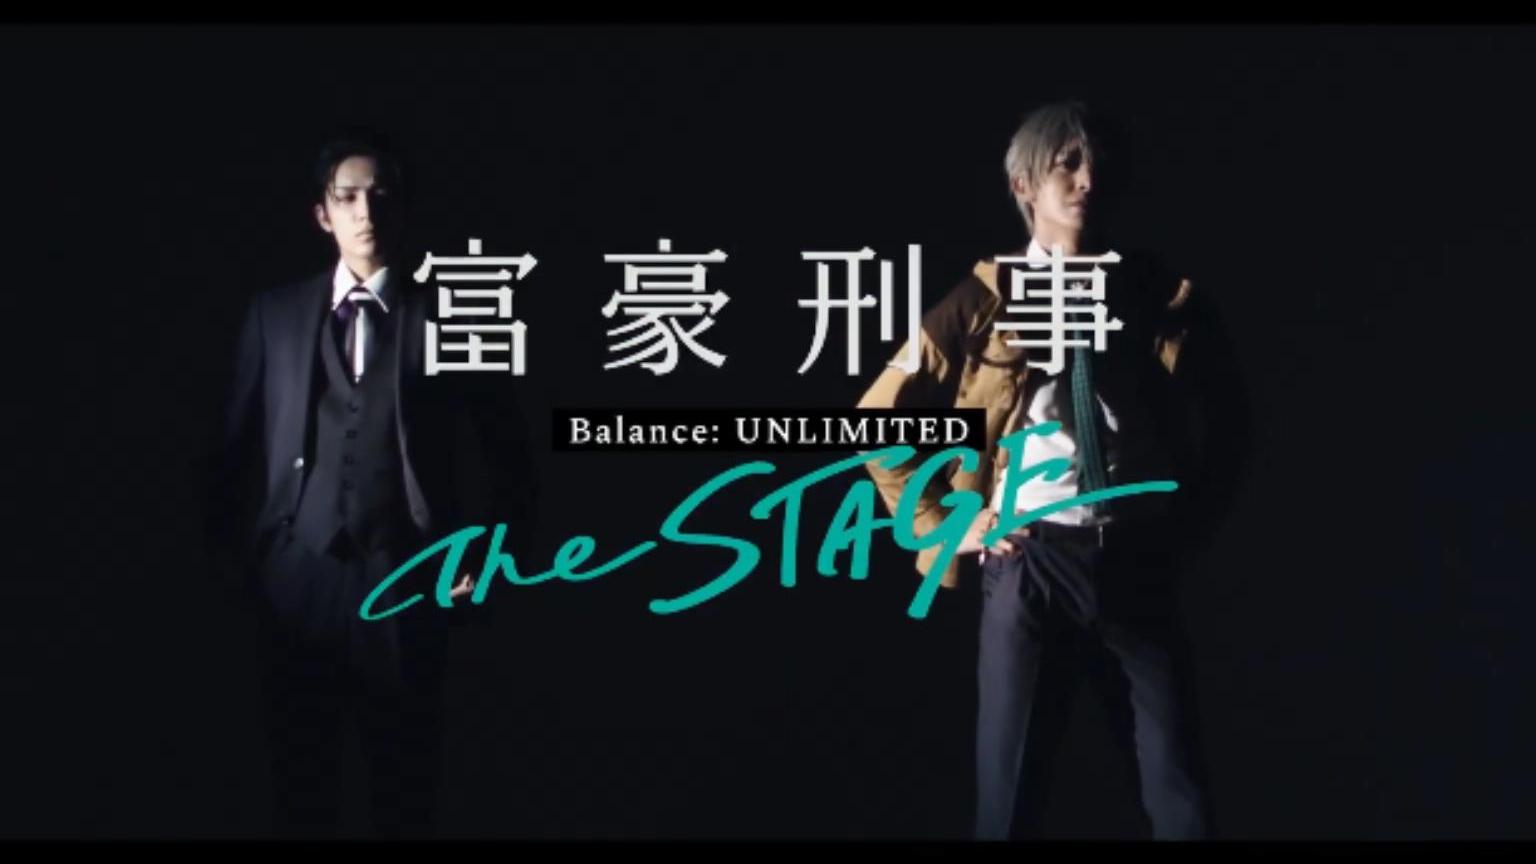 【舞台剧】富豪刑警 BalanceUNLIMITED The STAGE 公演CM